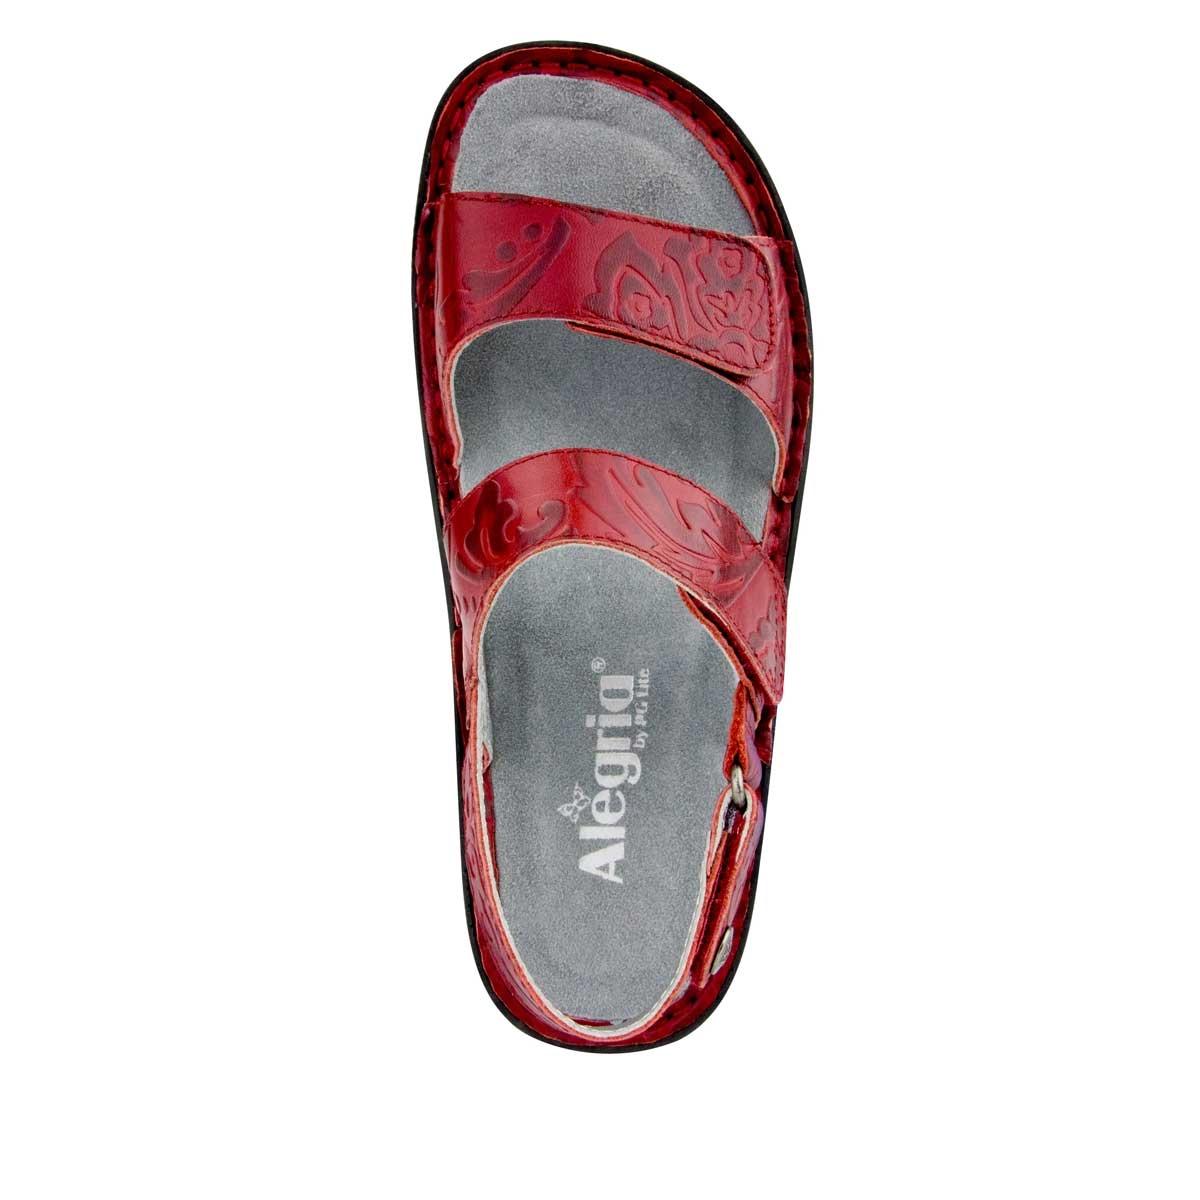 Alegria Verona Yeehaw Red Sandals Shop Alegria